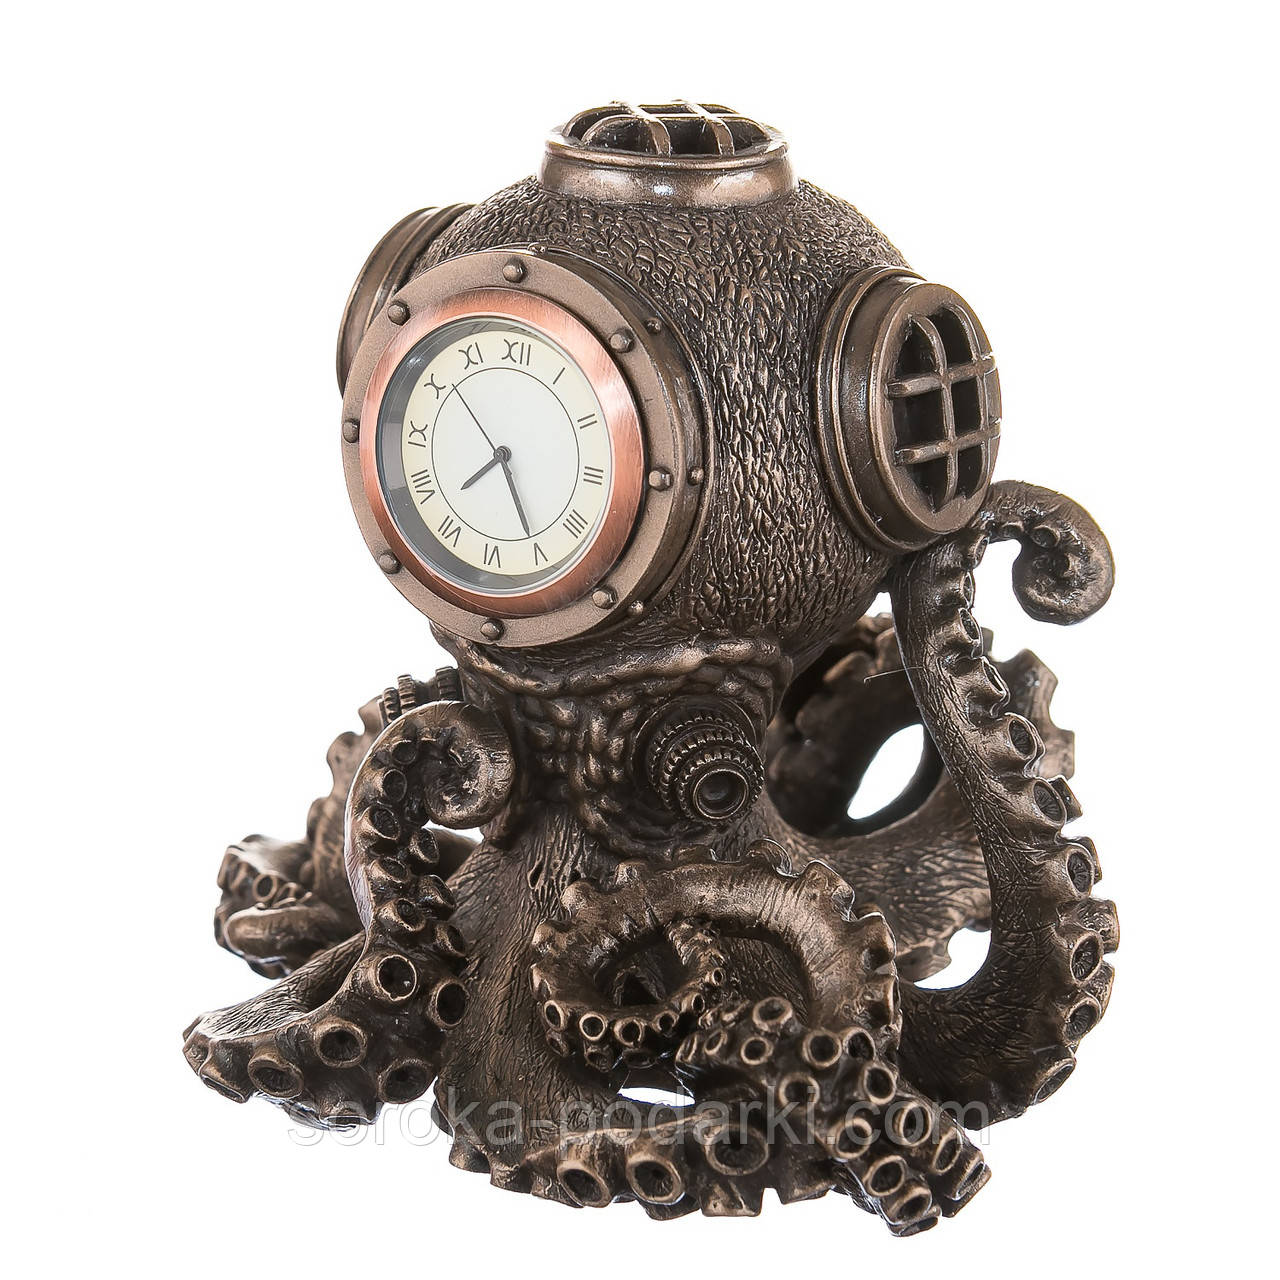 """Статуэтка - часы Veronese стимпанк """"Осьминог"""" 14 см под бронзу - Soroka в Запорожье"""